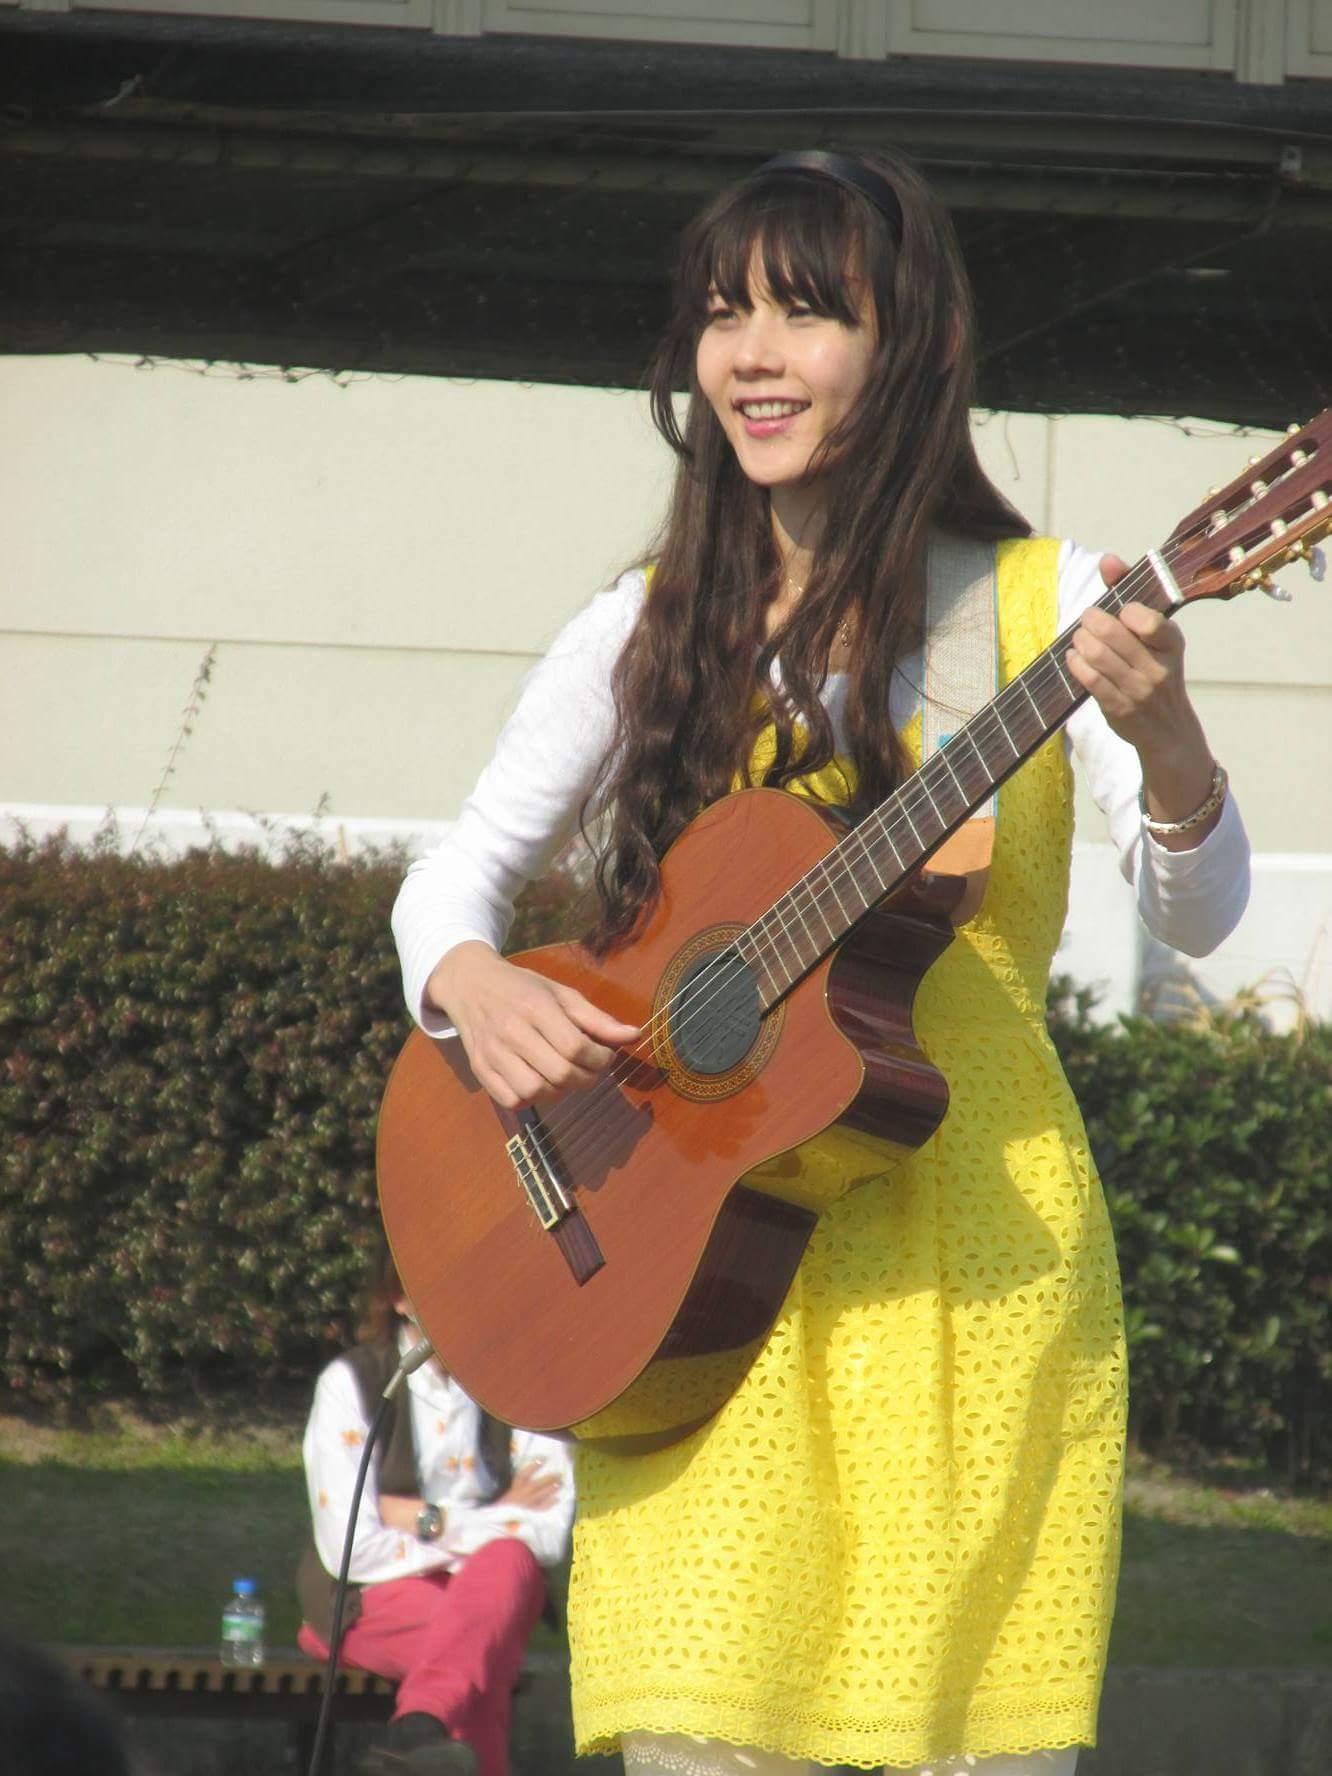 名古屋市港区、JETTY広場での演奏ありがとうございました!_f0373339_1420121.jpg